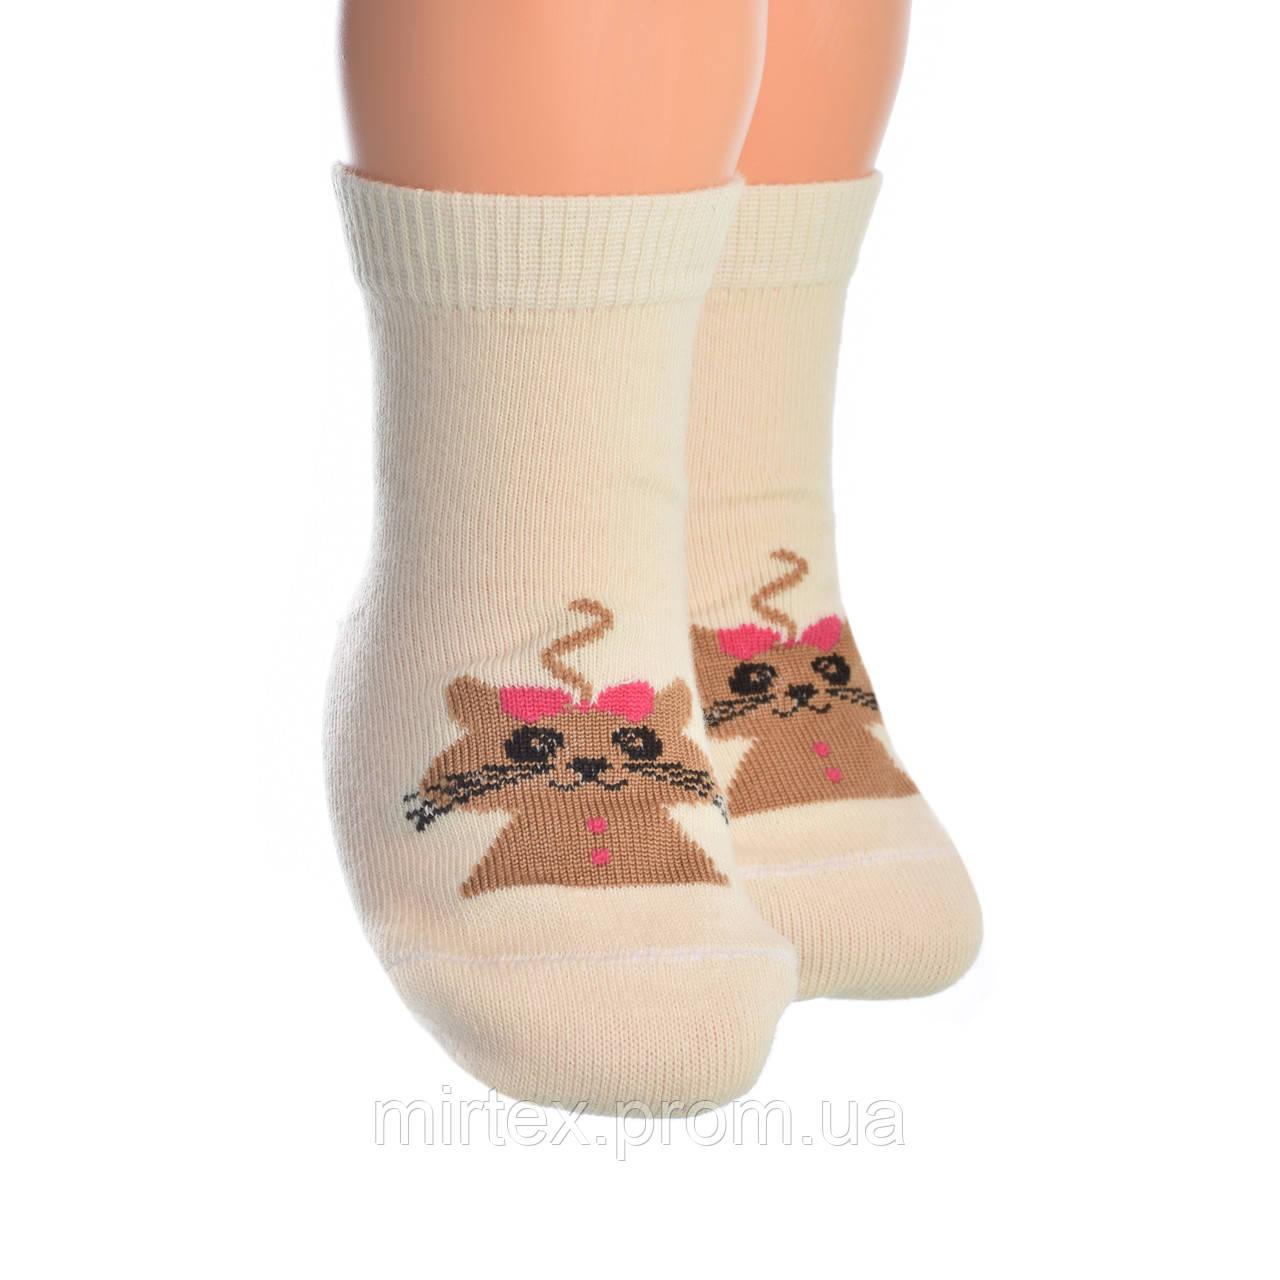 Носки детские для девочек демисезонные Котик Anita Kids